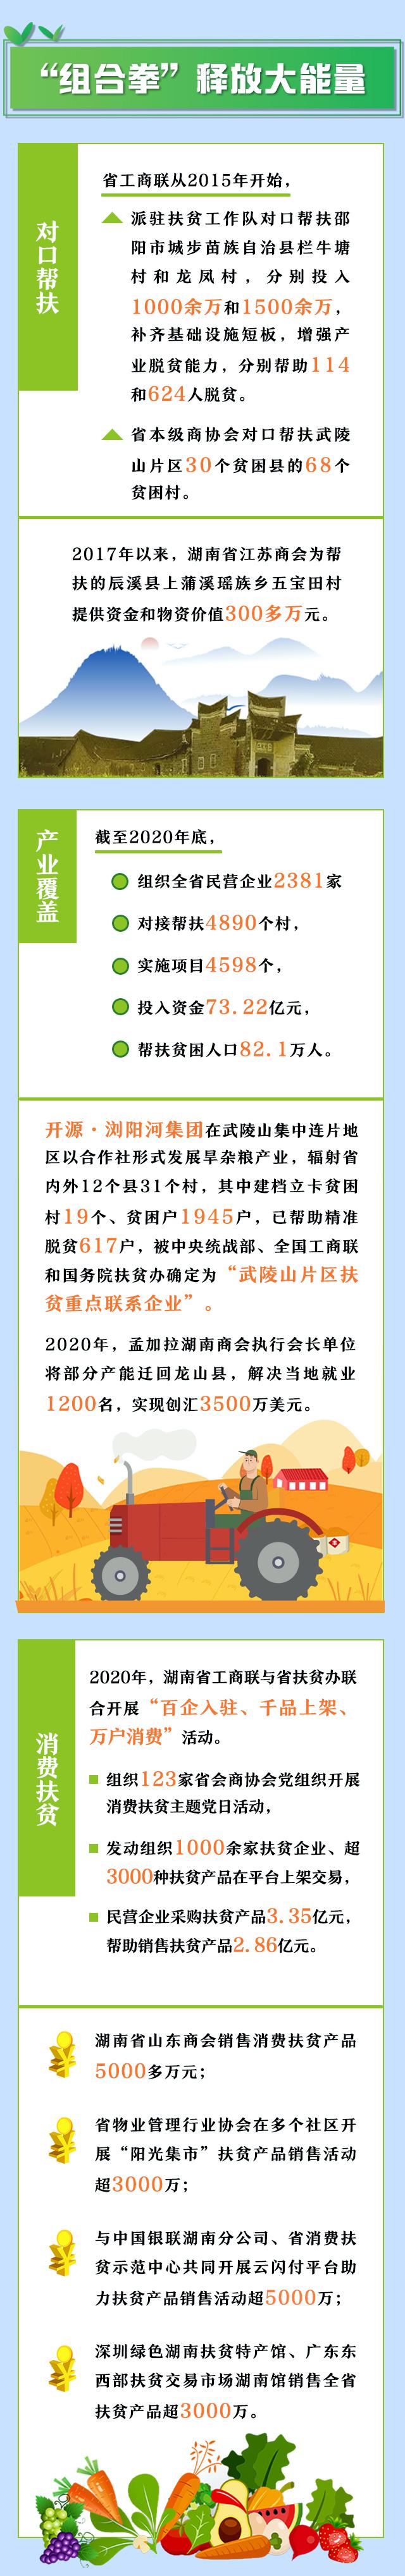 湘商扶贫图解3.jpg